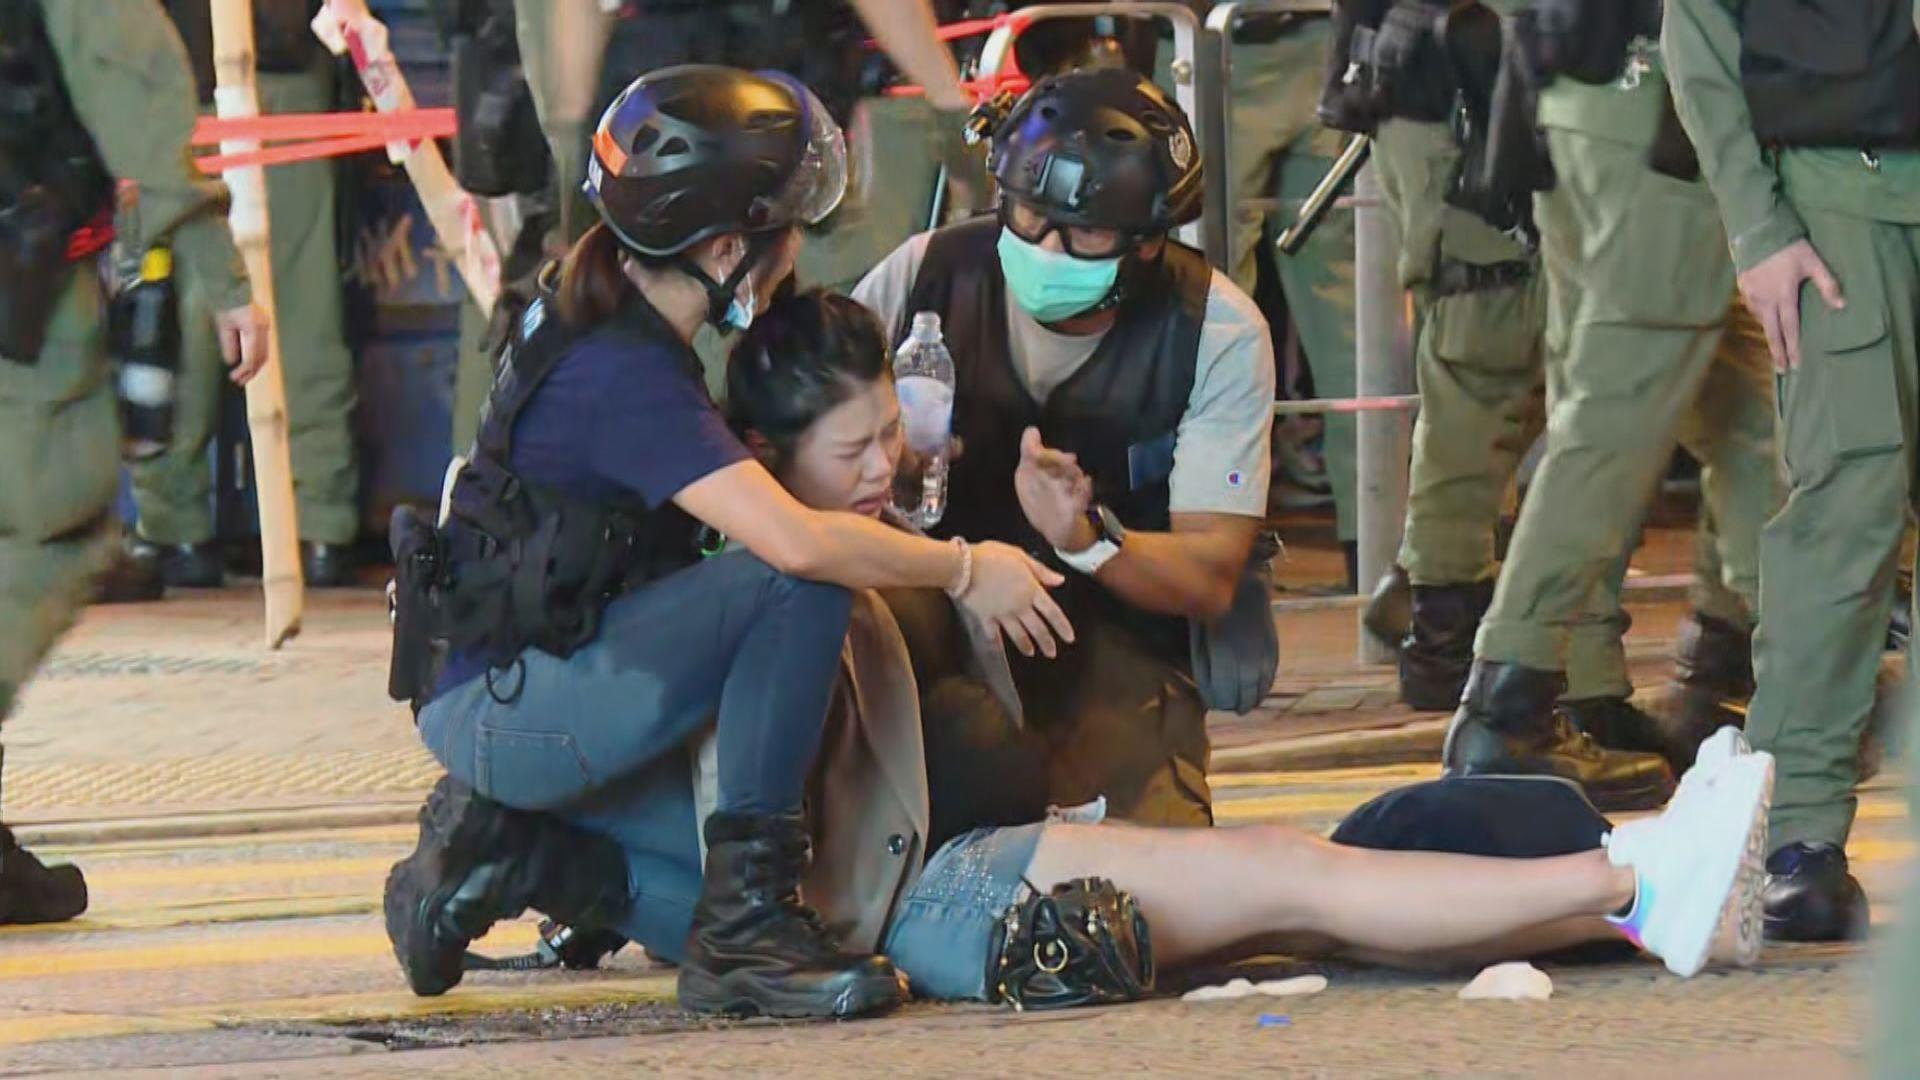 太子站831事件一周年 15人被捕逾170人獲發罰款告票